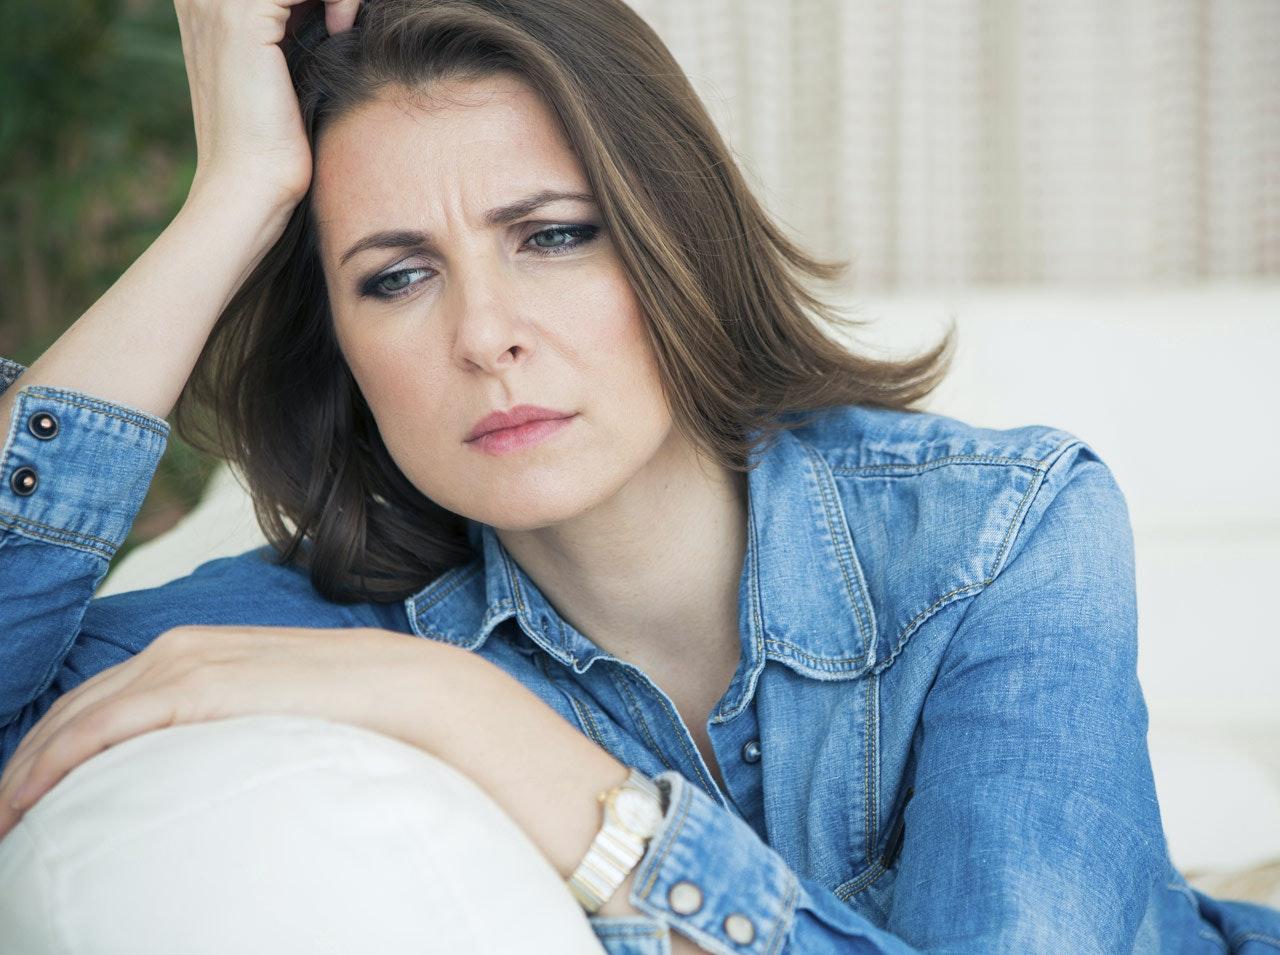 Suivi de grossesse - Comment eviter une fausse couche en debut de grossesse ...